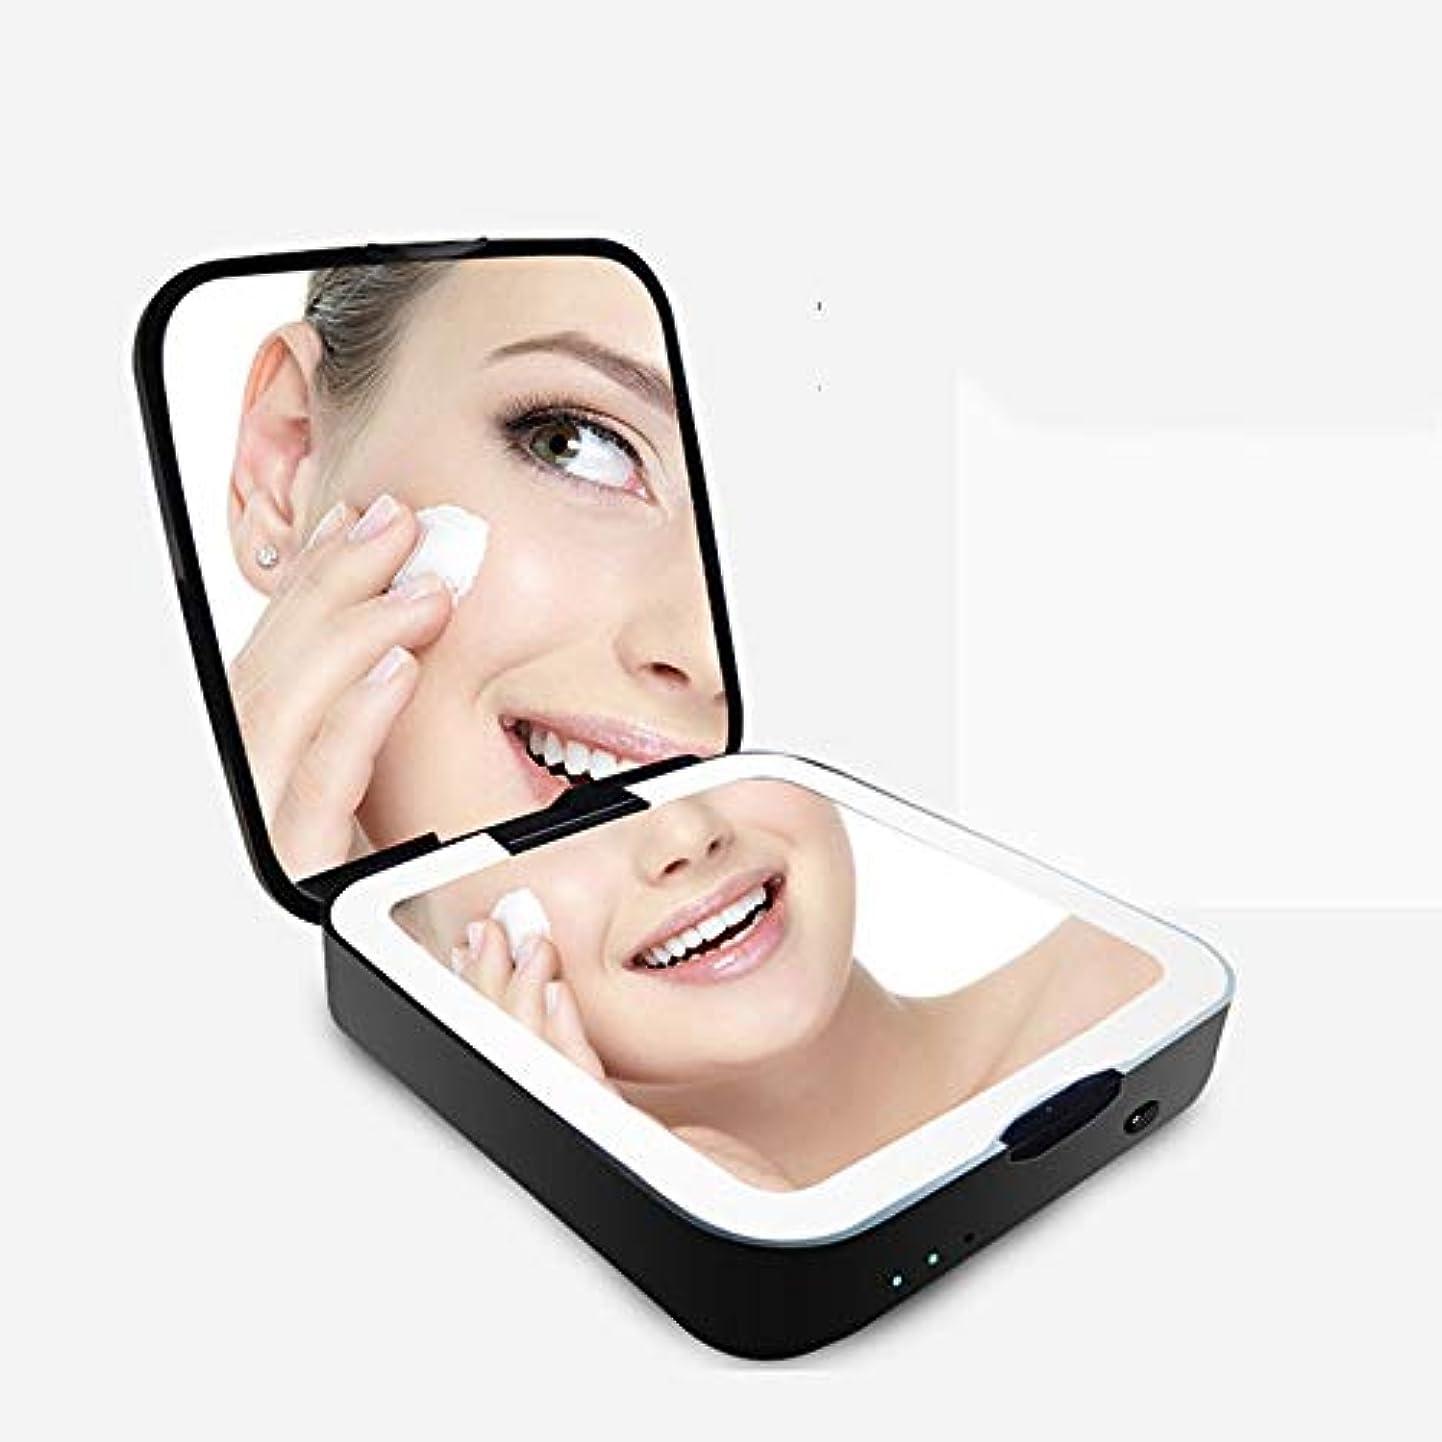 包括的暗くするプログレッシブ流行の 新しい両面折りたたみLEDライトポータブルポータブルミラー充電宝化粧鏡ABS黒美容ミラー虫眼鏡ナイトライト